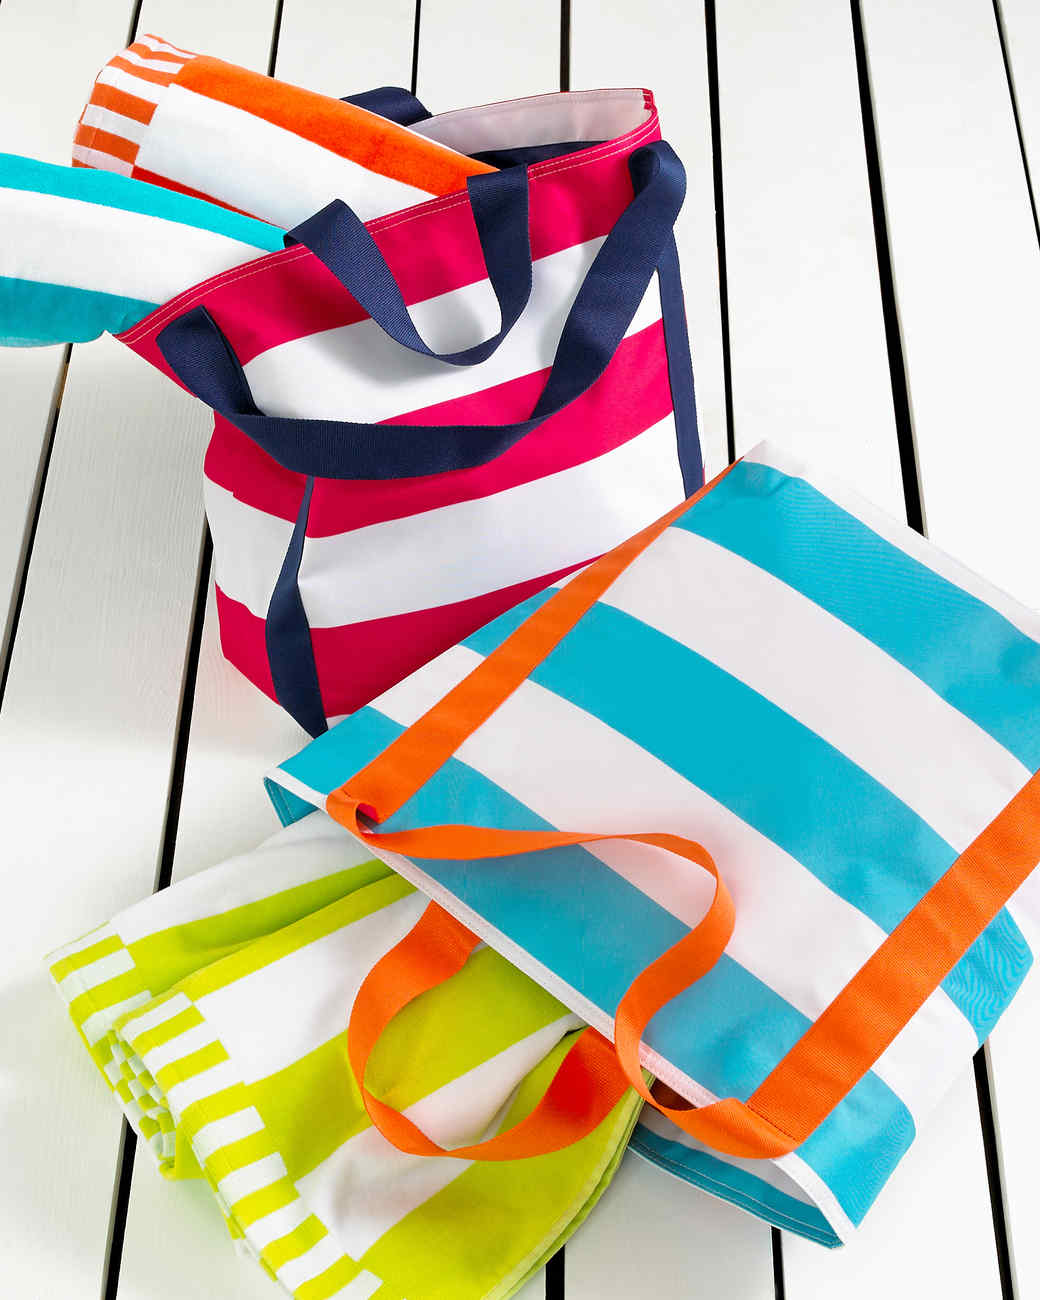 msmacys-groupshot-towels-mrkt-0514.jpg